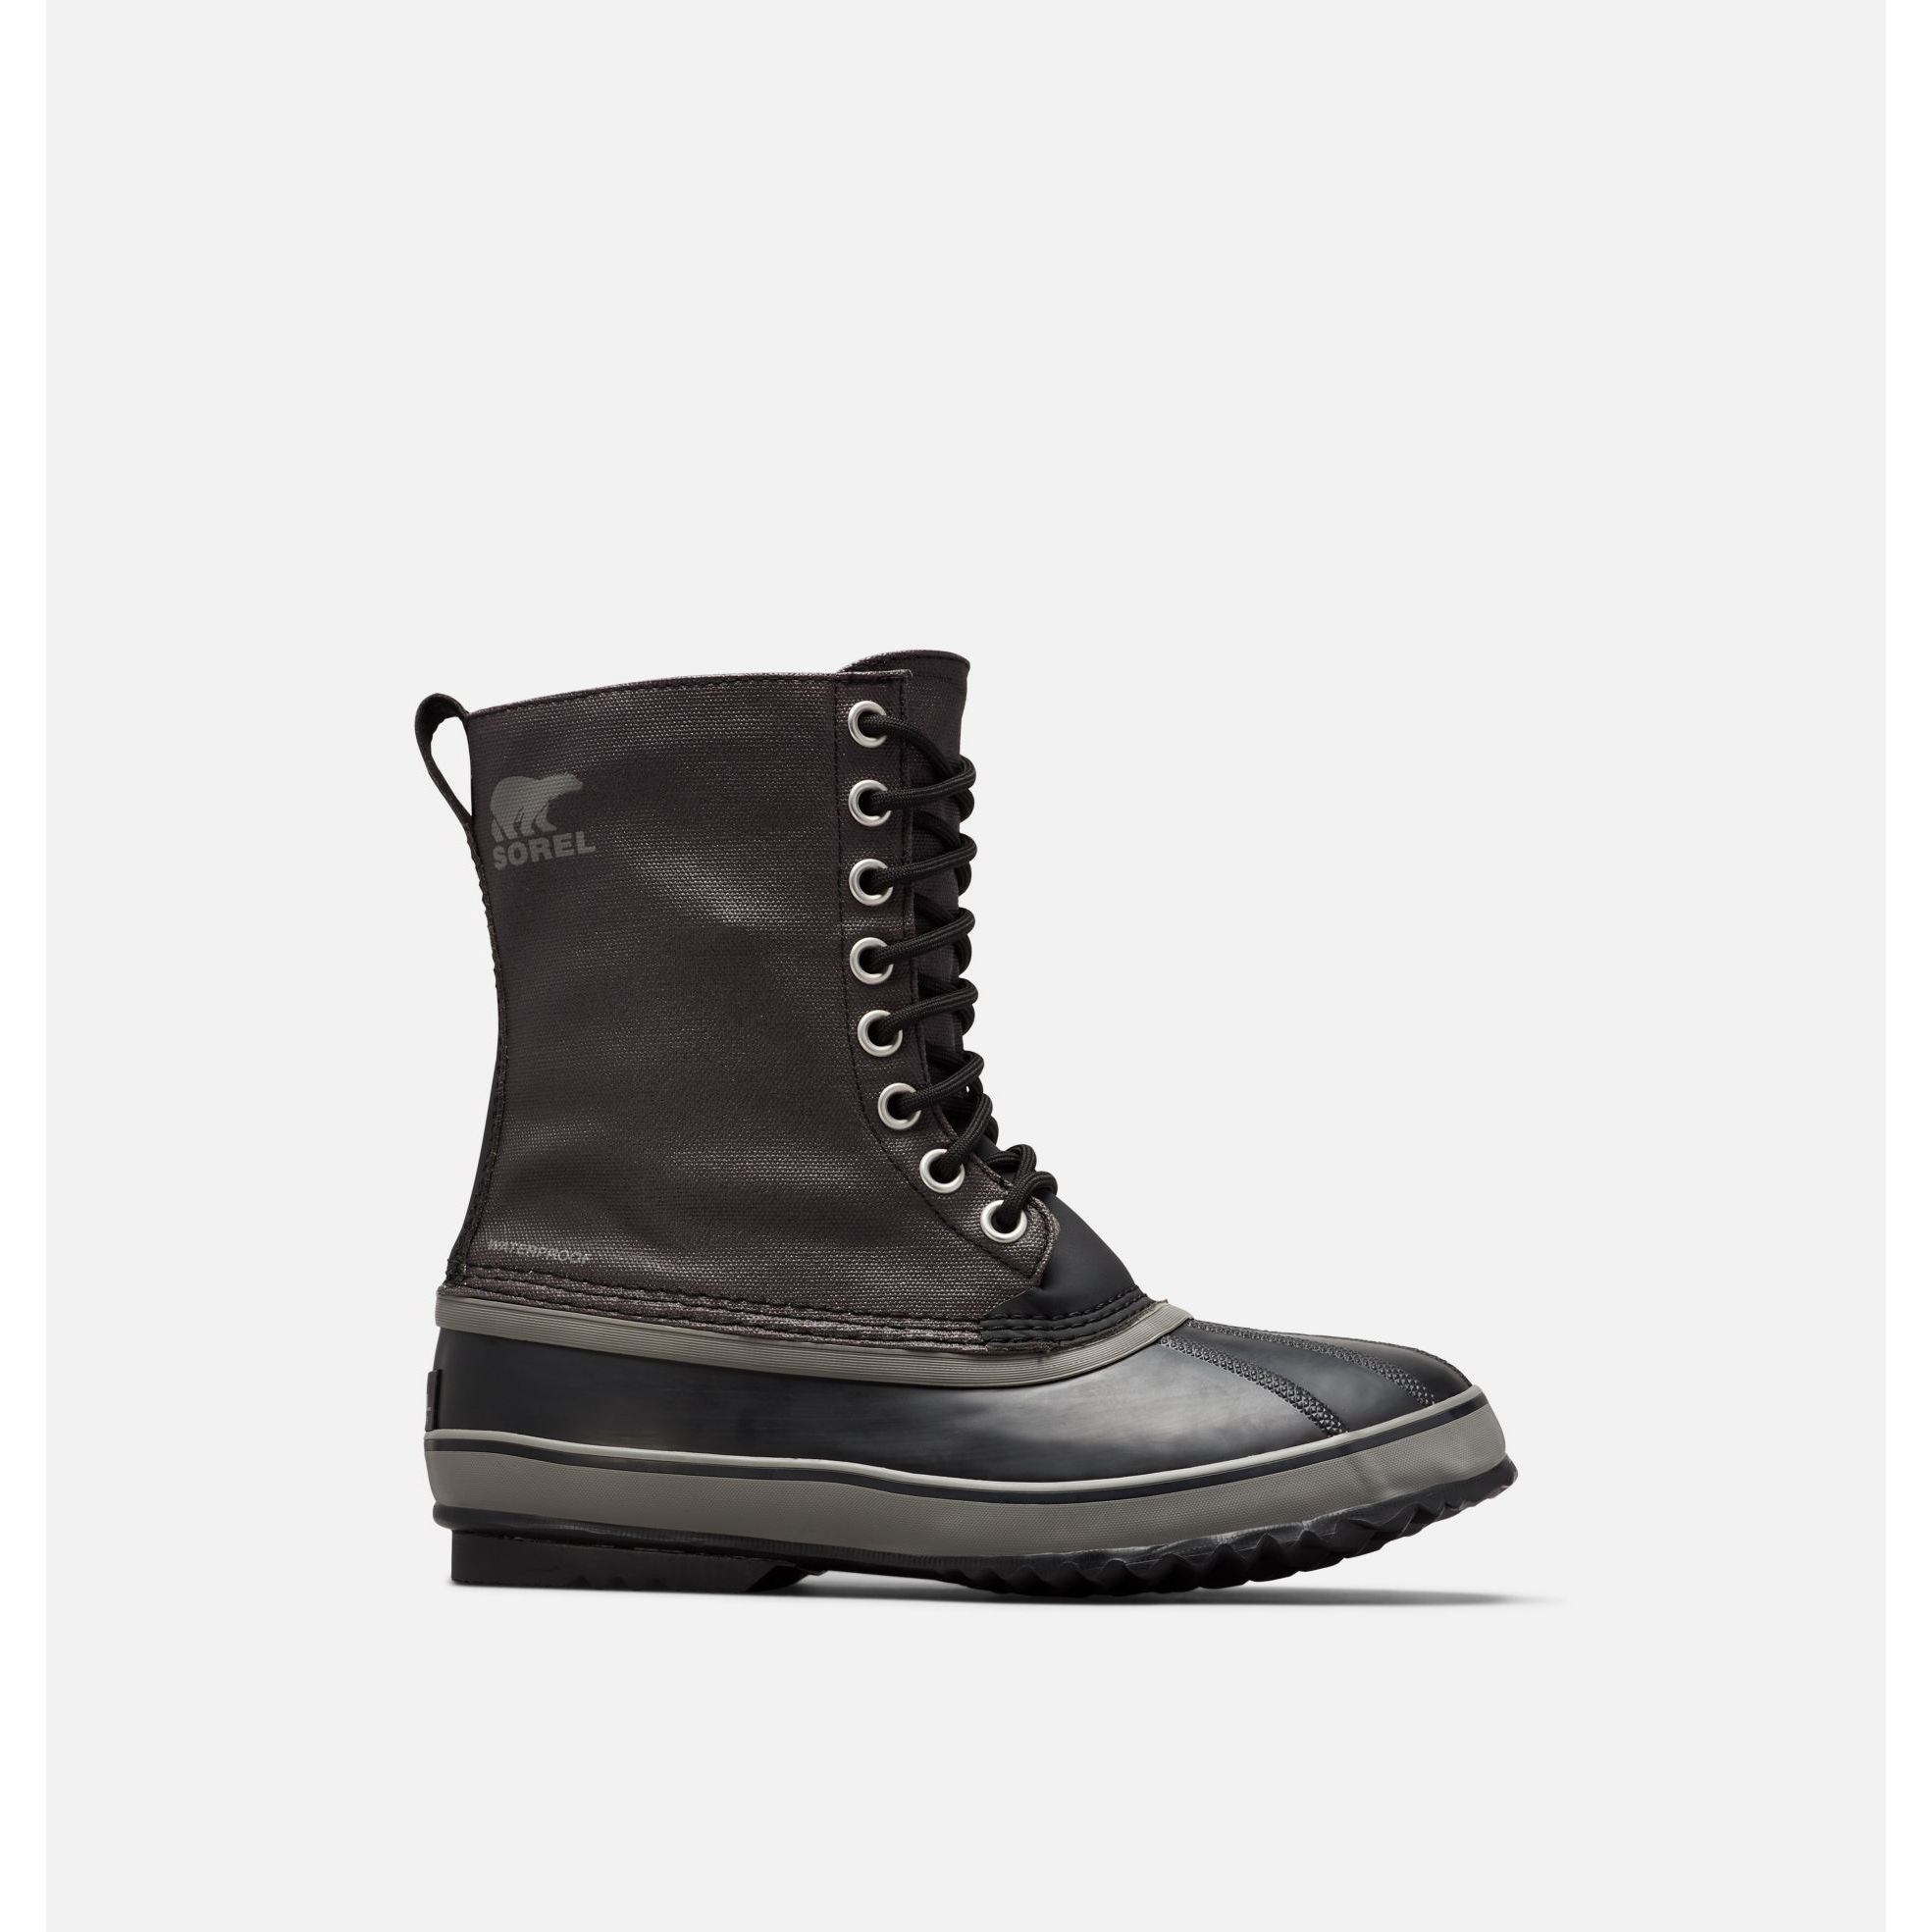 1964 CVS Boot - Men's